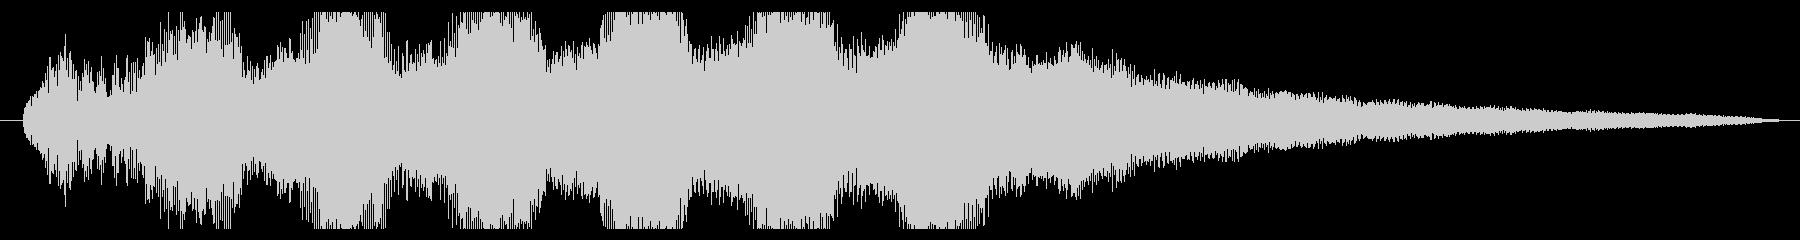 パッド SFミステリアスプラネット04の未再生の波形